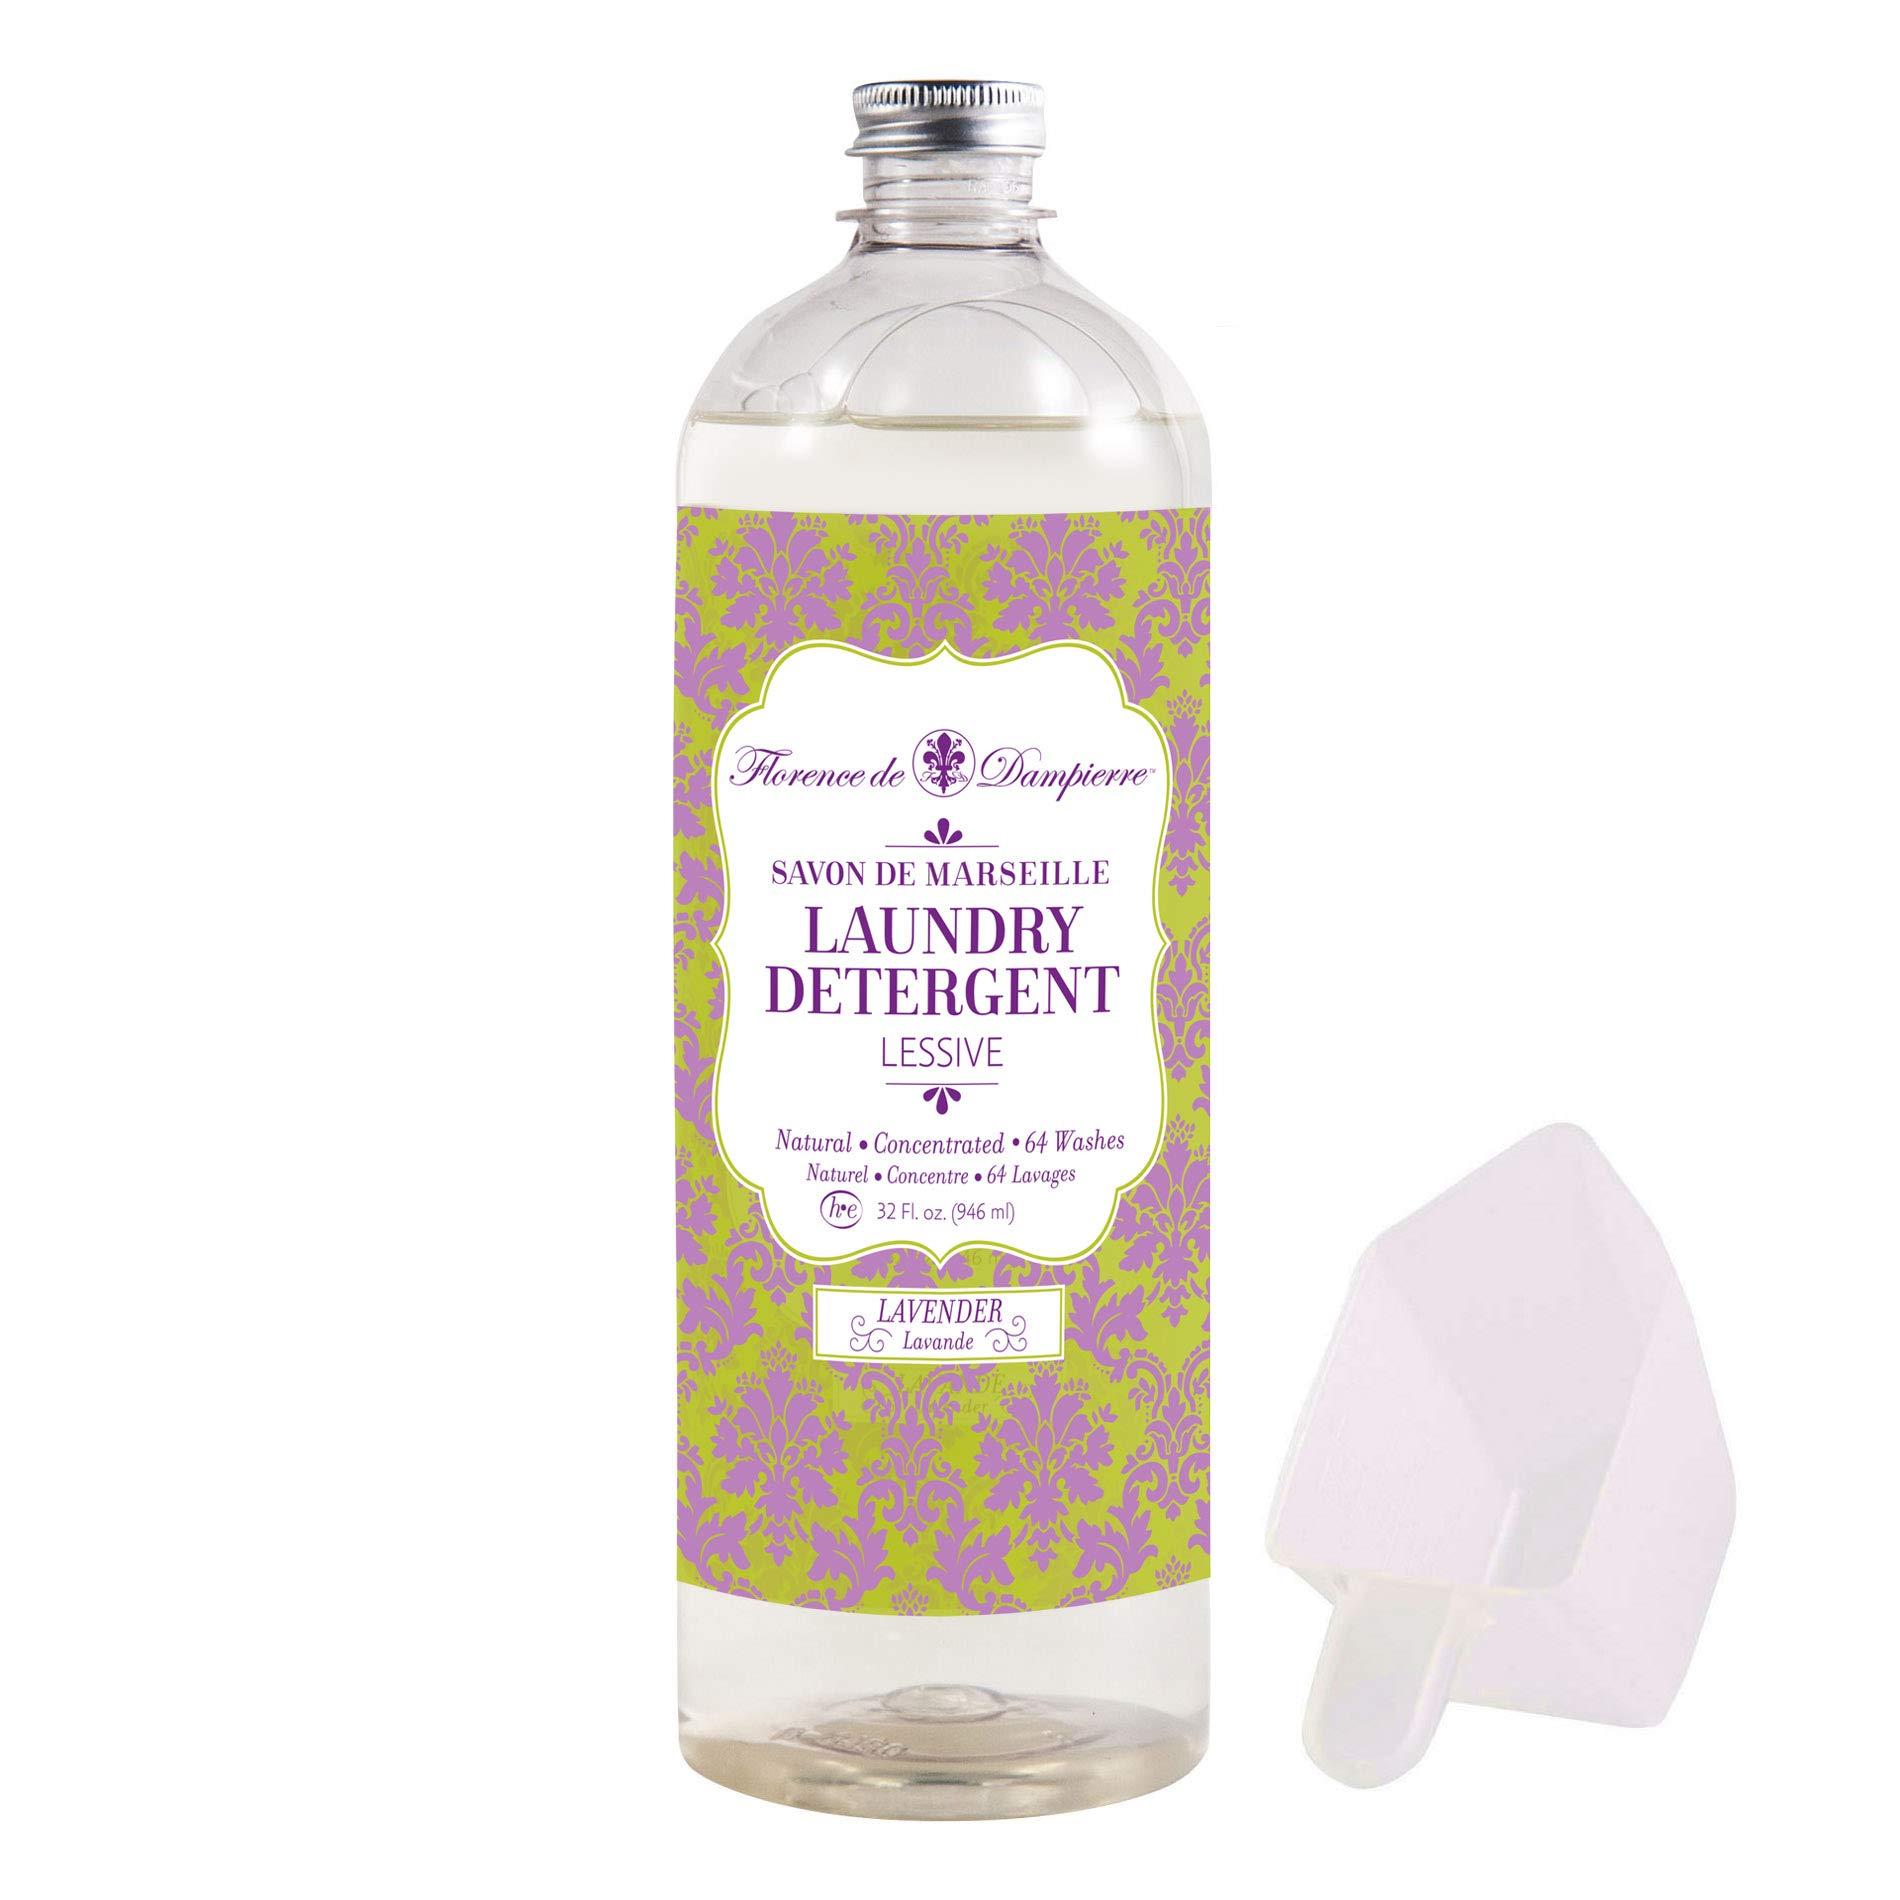 Florence de Dampierre 64 Load, Organic and All-Natural Savon de Marseille Soap, Liquid Laundry Detergent, 32 oz. - Lavender